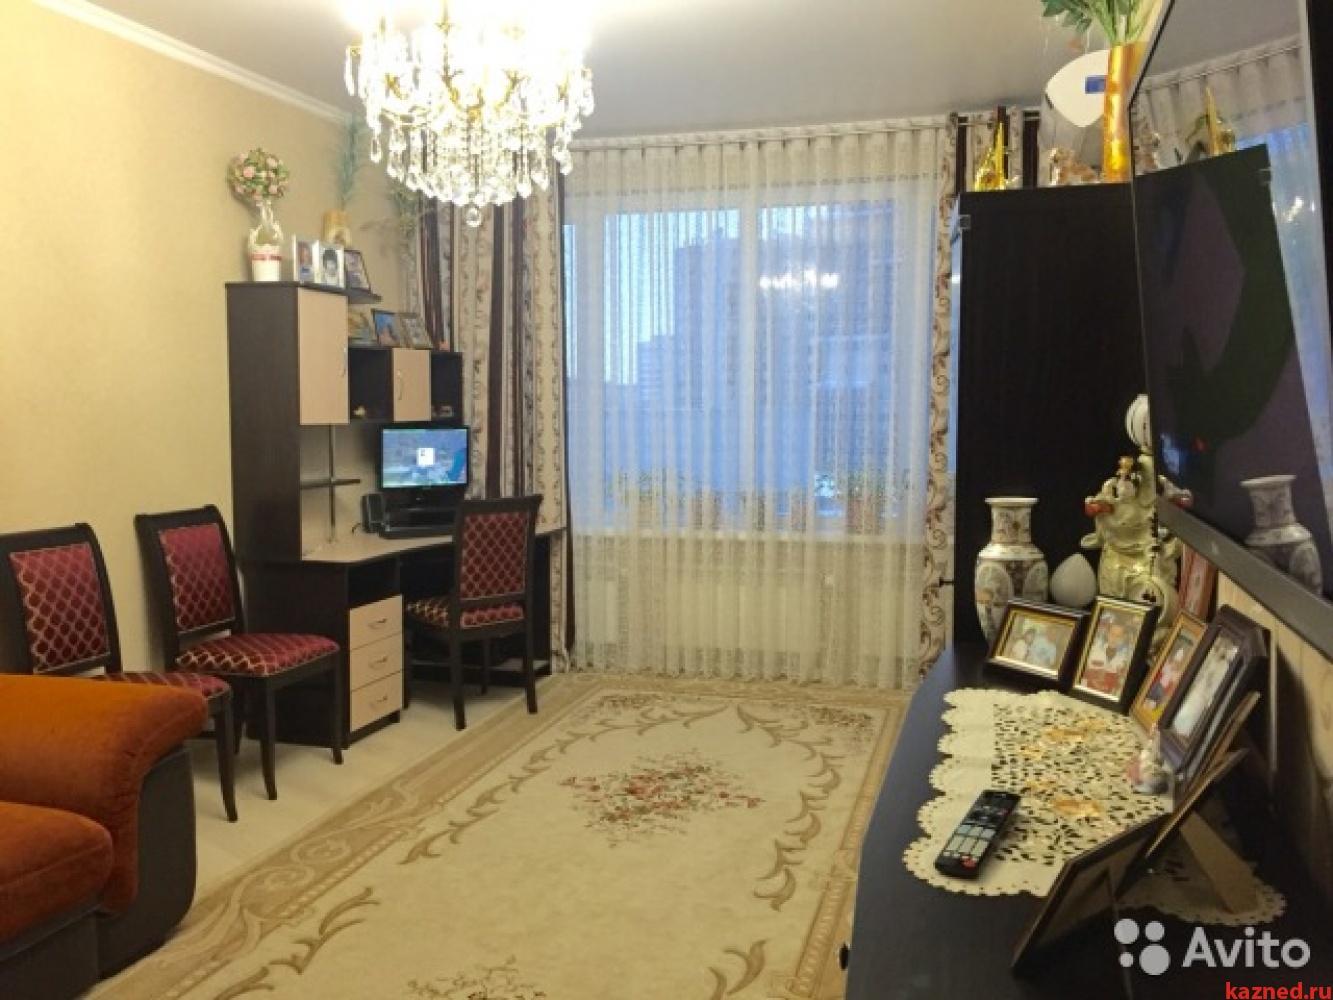 Продажа 1-к квартиры проспект победы 46, 49 м2  (миниатюра №6)